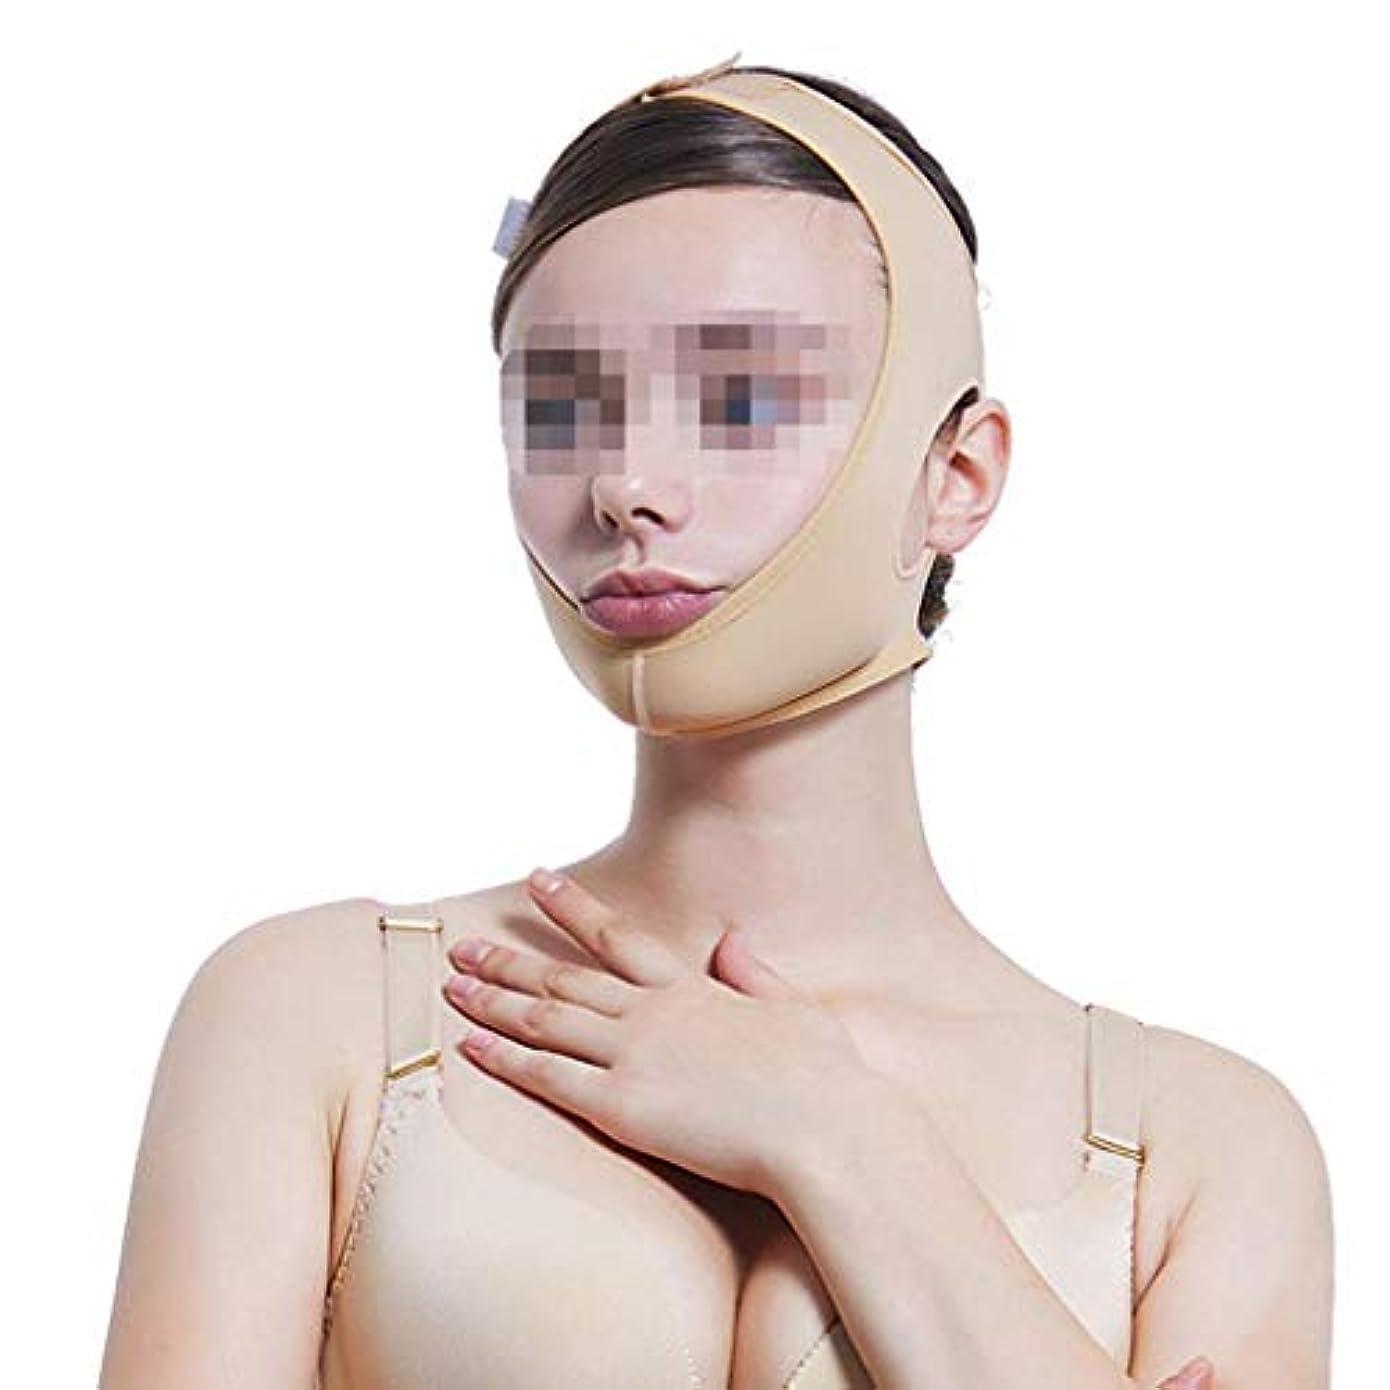 債務くつろぎつま先ビームフェイス弾性ヘッドギア、ダブルあごのあごのセットをマスクの後に線彫り薄いフェイス包帯マルチサイズオプション(サイズ:XS),L